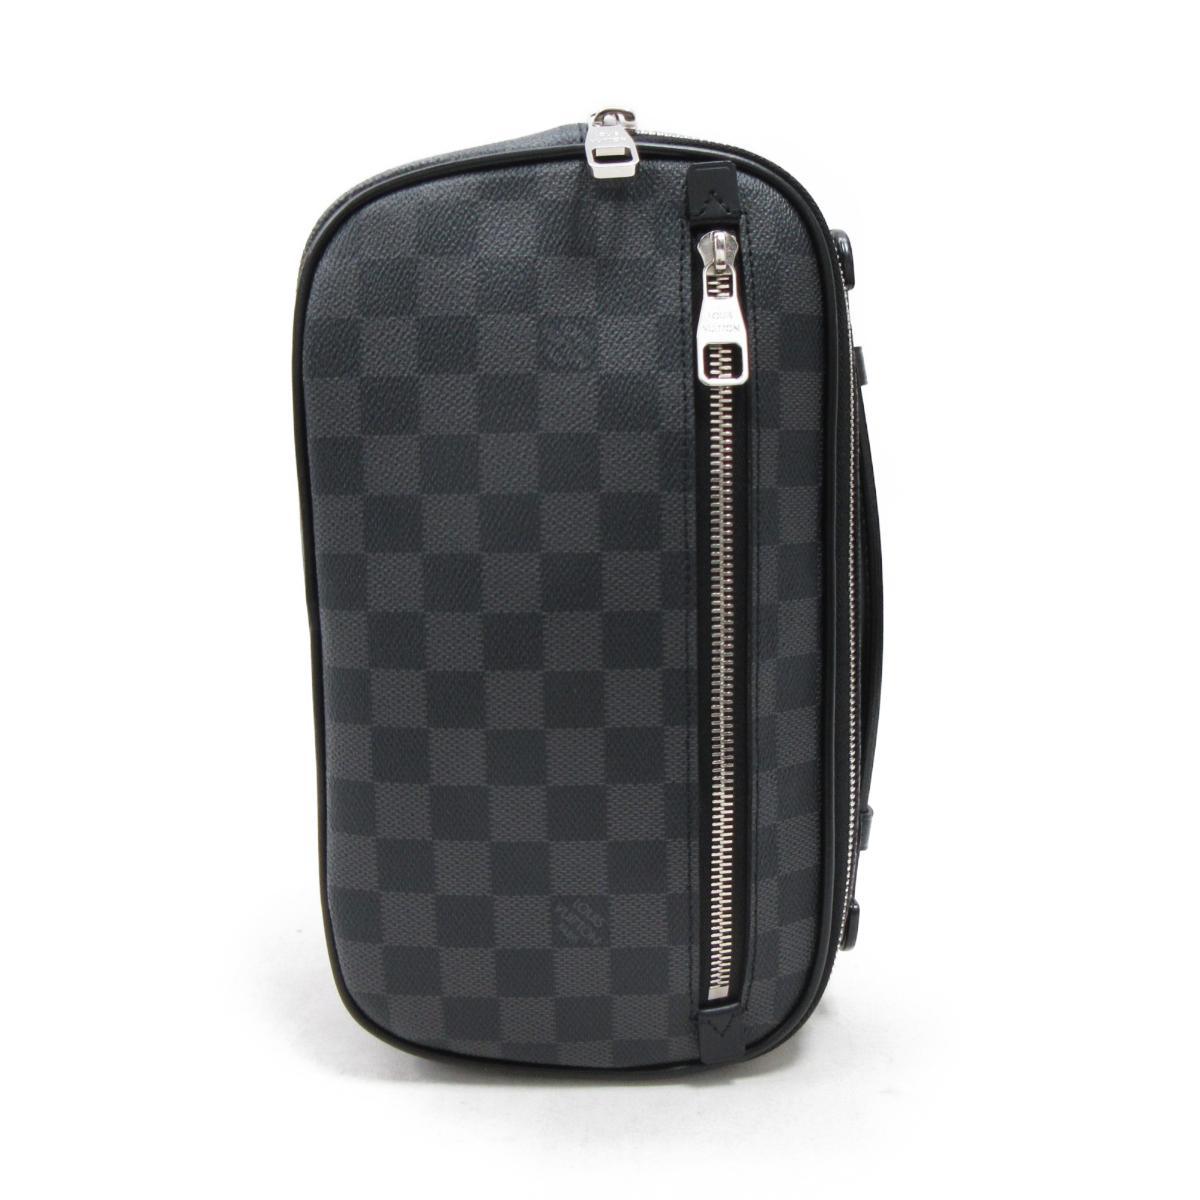 963f34121d54 Authentic LOUIS VUITTON Ambler Belt Crossbody Bag N41289 Damier Graphite